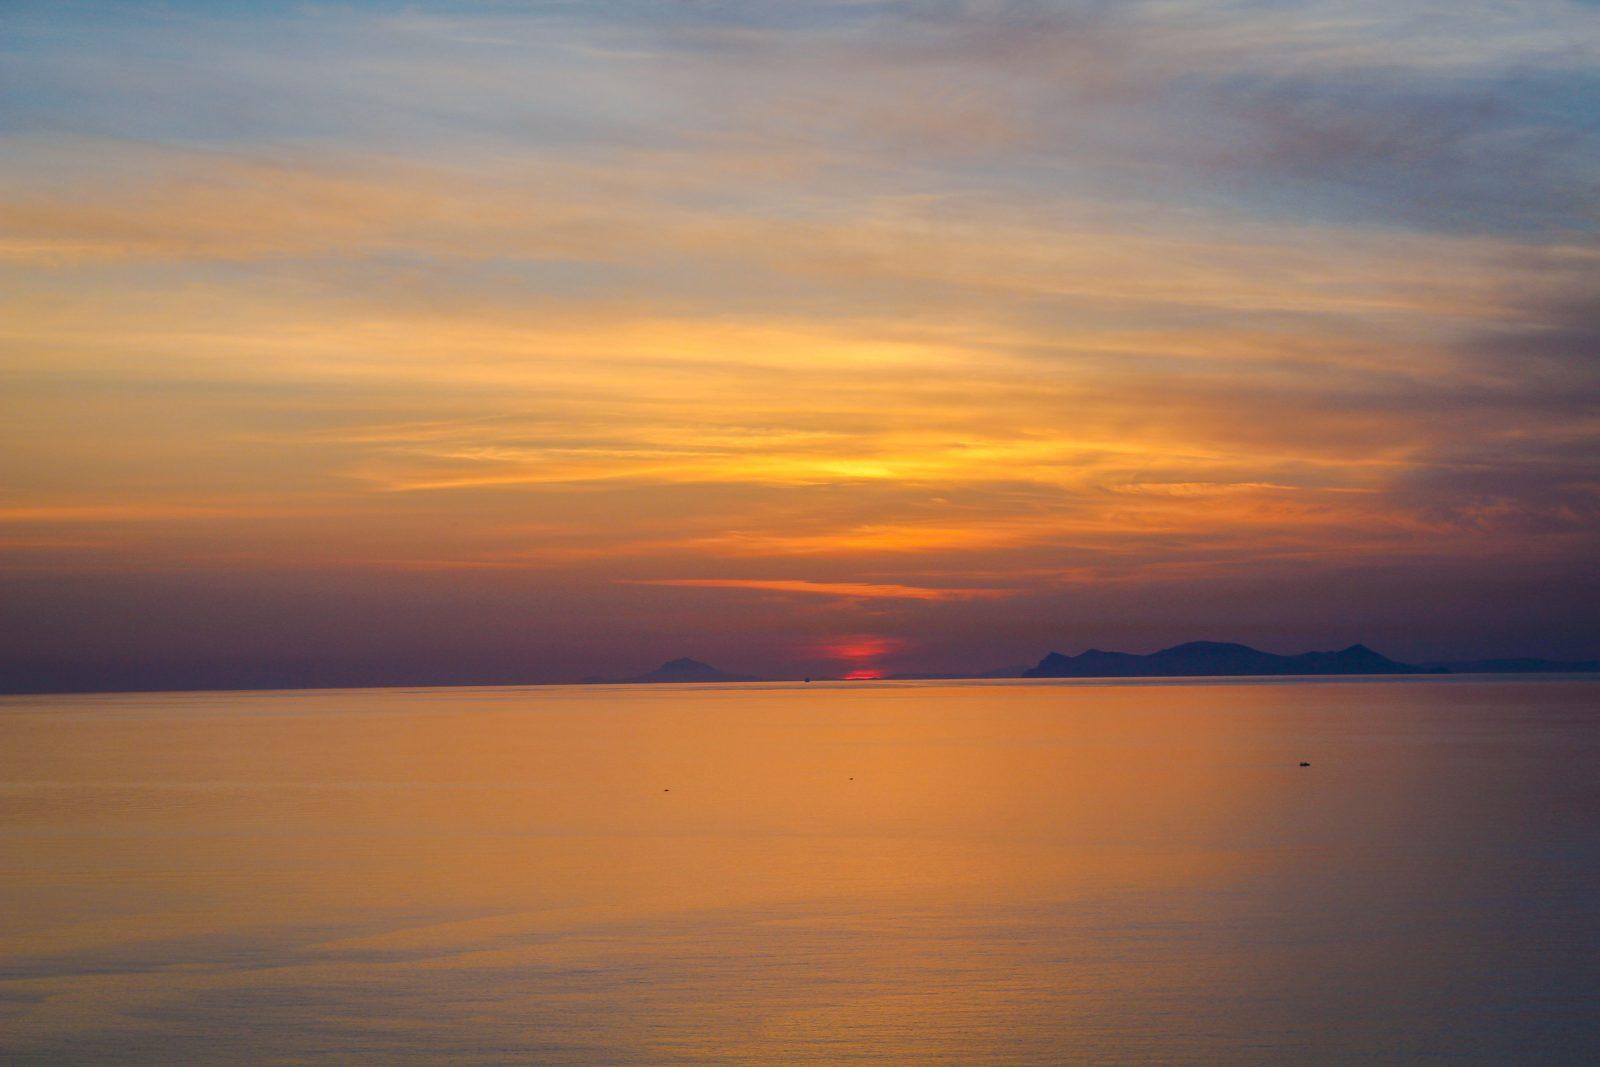 Sunset on the Agean Sea from Santorini Greece